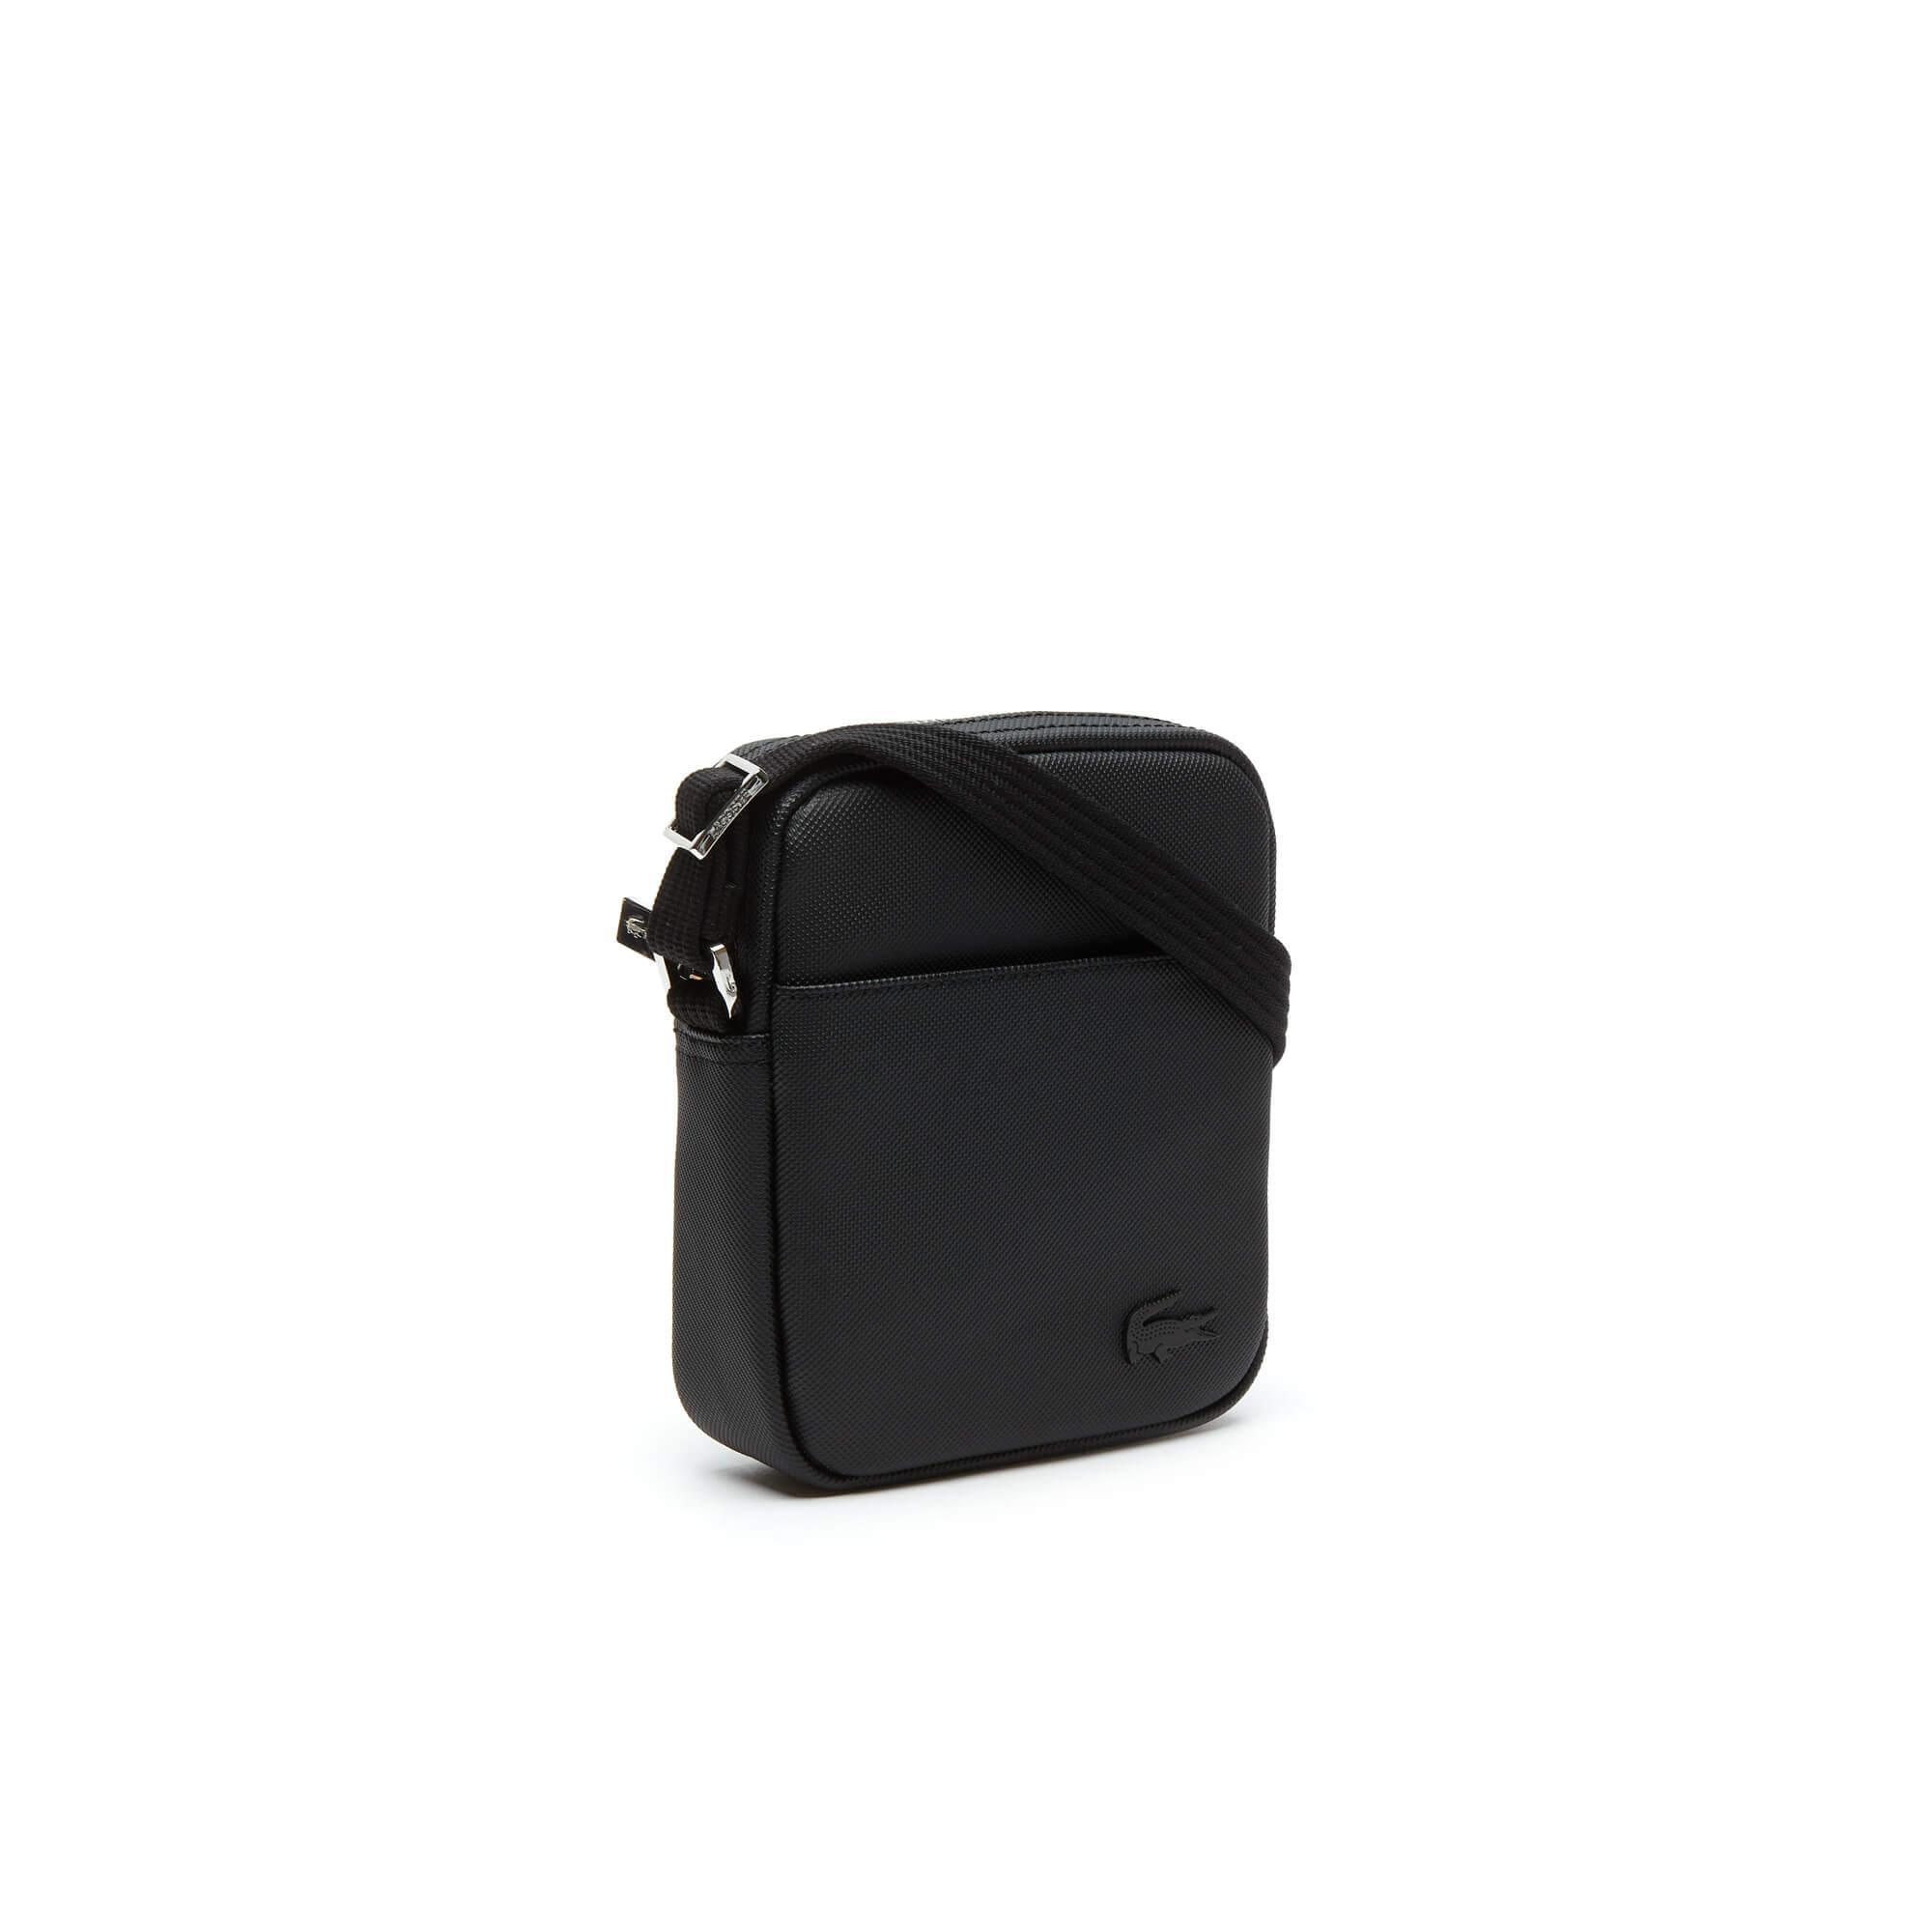 Lacoste Erkek Siyah Kamera Çantası